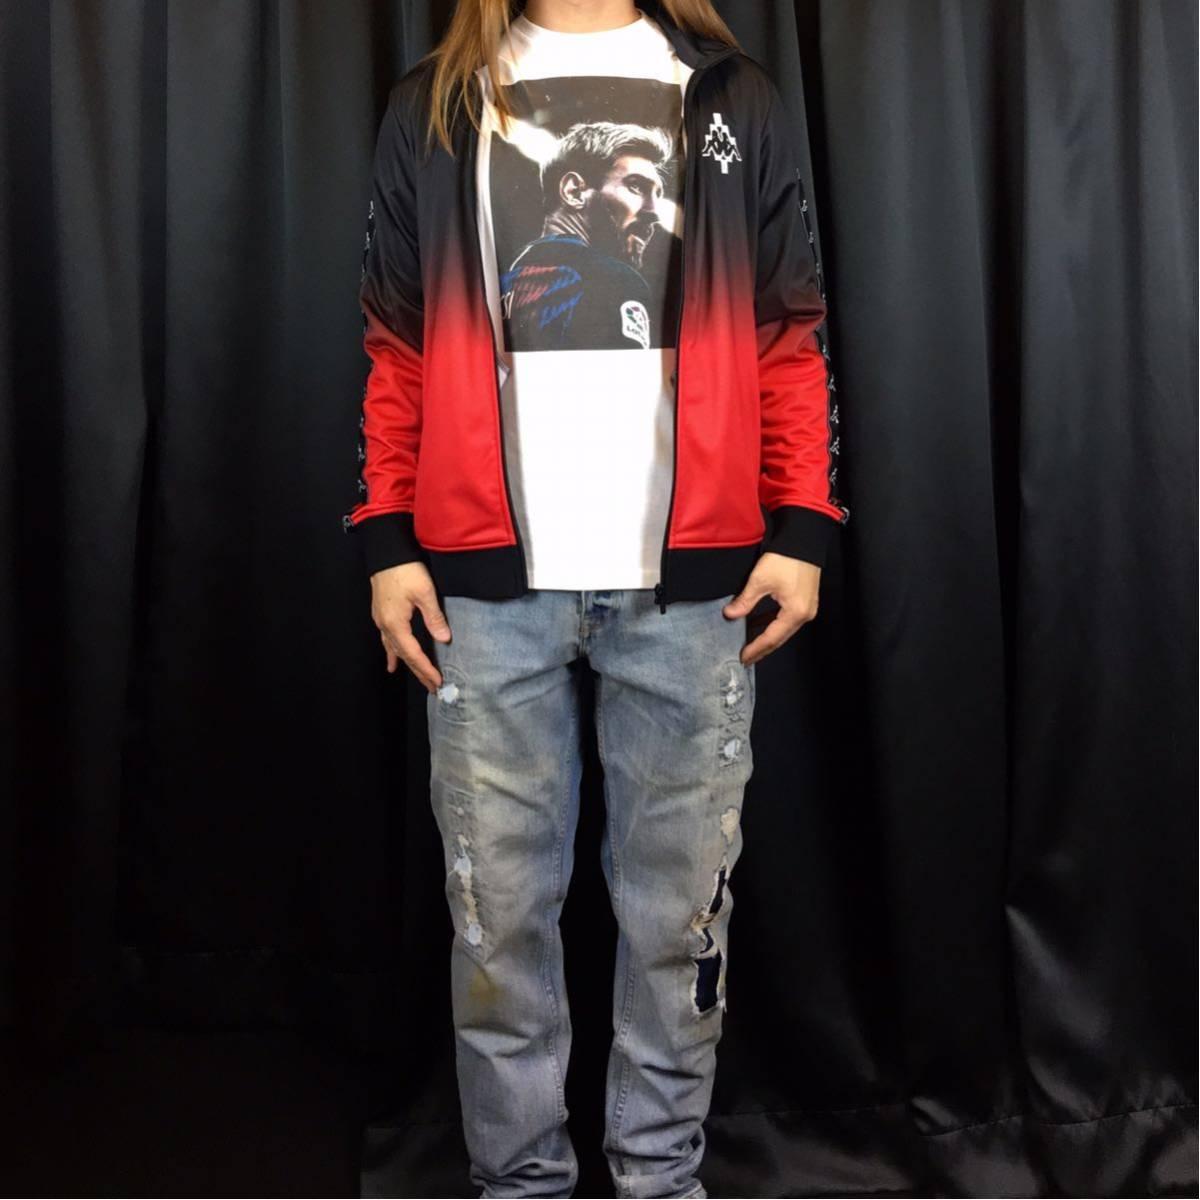 新品 サッカー メッシ Tシャツ S M L XL ワールドカップ バルセロナ アルゼンチン ロナウド ビッグ オーバー サイズ XXL~5XL 長袖 黒 対応_画像5